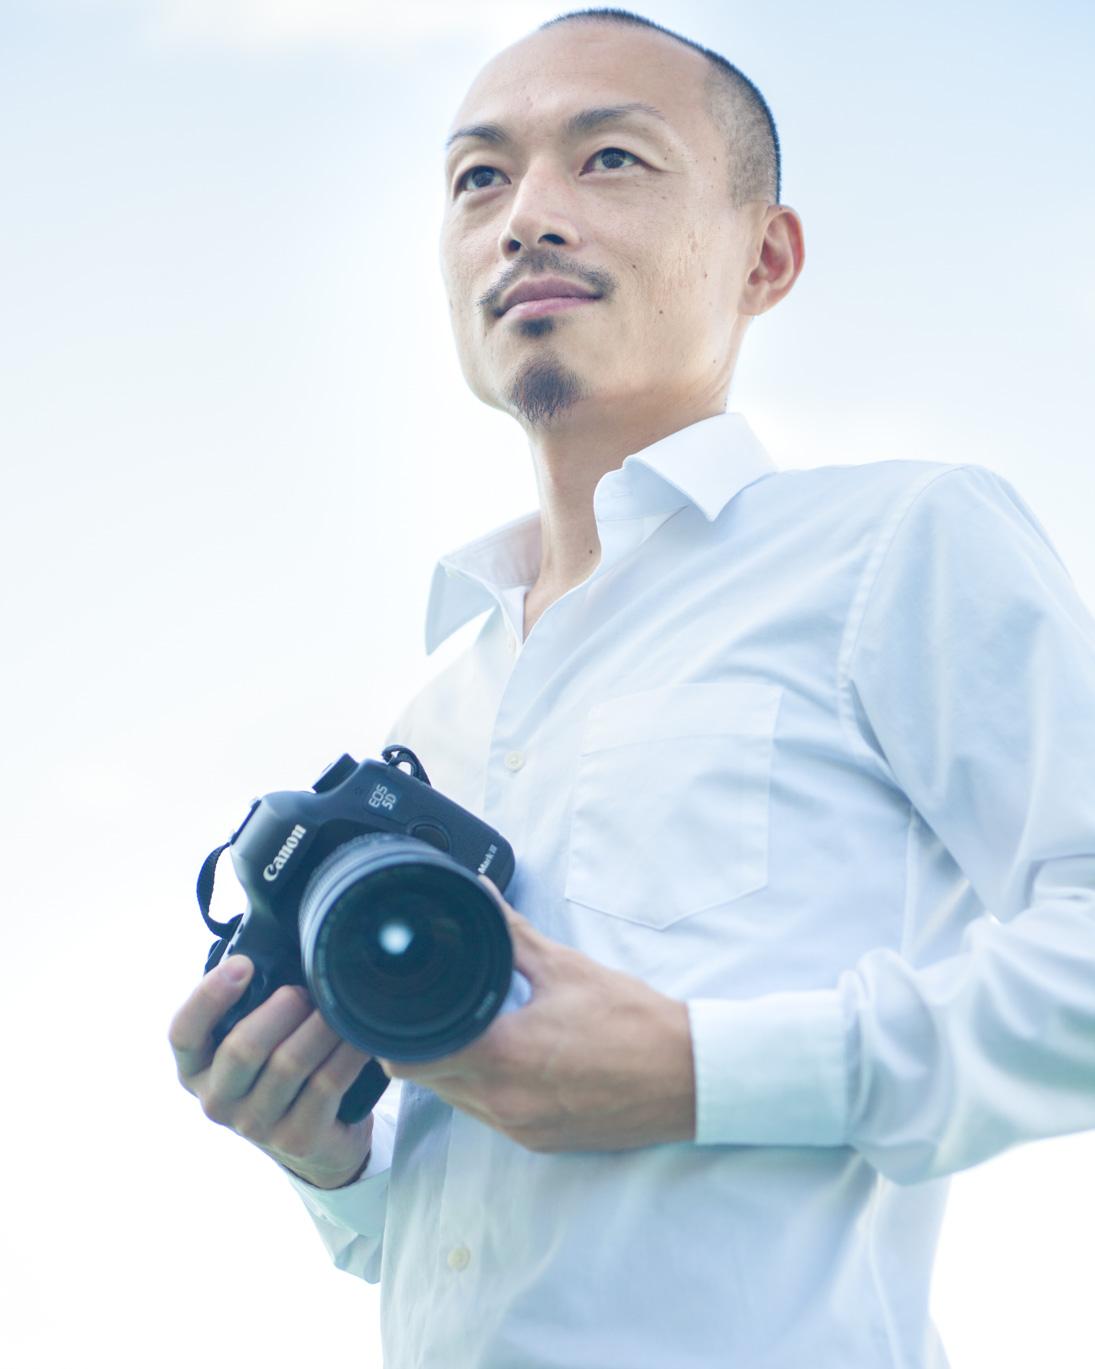 カメラマン髙栁